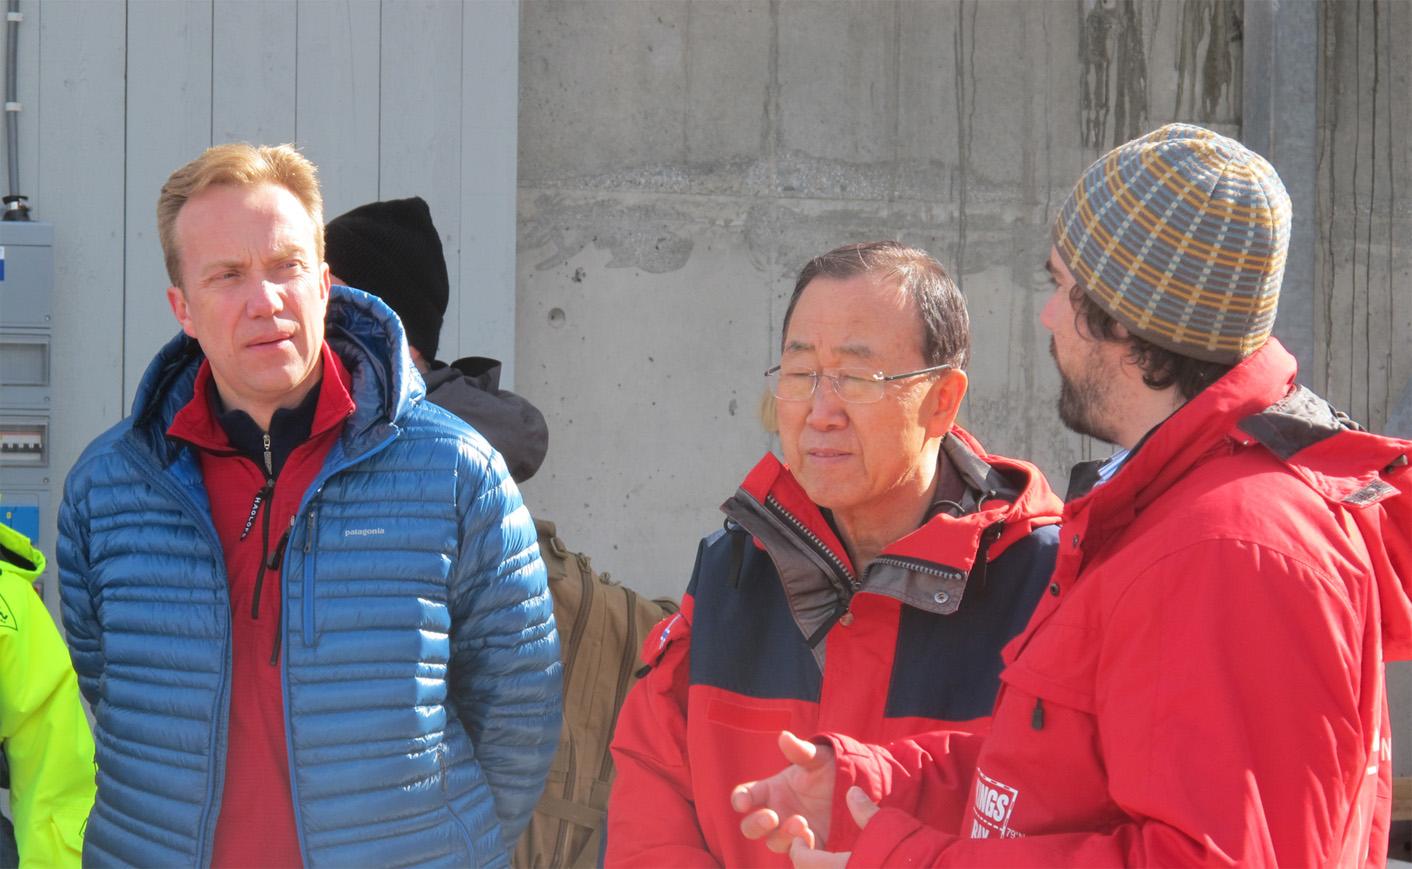 FNs generalsekretær Ban Ki-moon var i Oslo tidligere i uken, som deltager på den internasjonale utdanningskonferansen. Etter konferansen reiste han til Svalbard for å ta klimaendringene i øyesyn. Som en del av svalbardoppholdet, besøkte Ki-moon og Børge Brende m.fl., forsøksoppsettene til Ocean-Certain i Ny-Ålesund. Her forteller Øystein Leiknes fra Institutt for biologi ved NTNU om forsøkene de gjennomfører som en del av Ocean-Certain-prosjektet. Foto: Olav Vadstein.